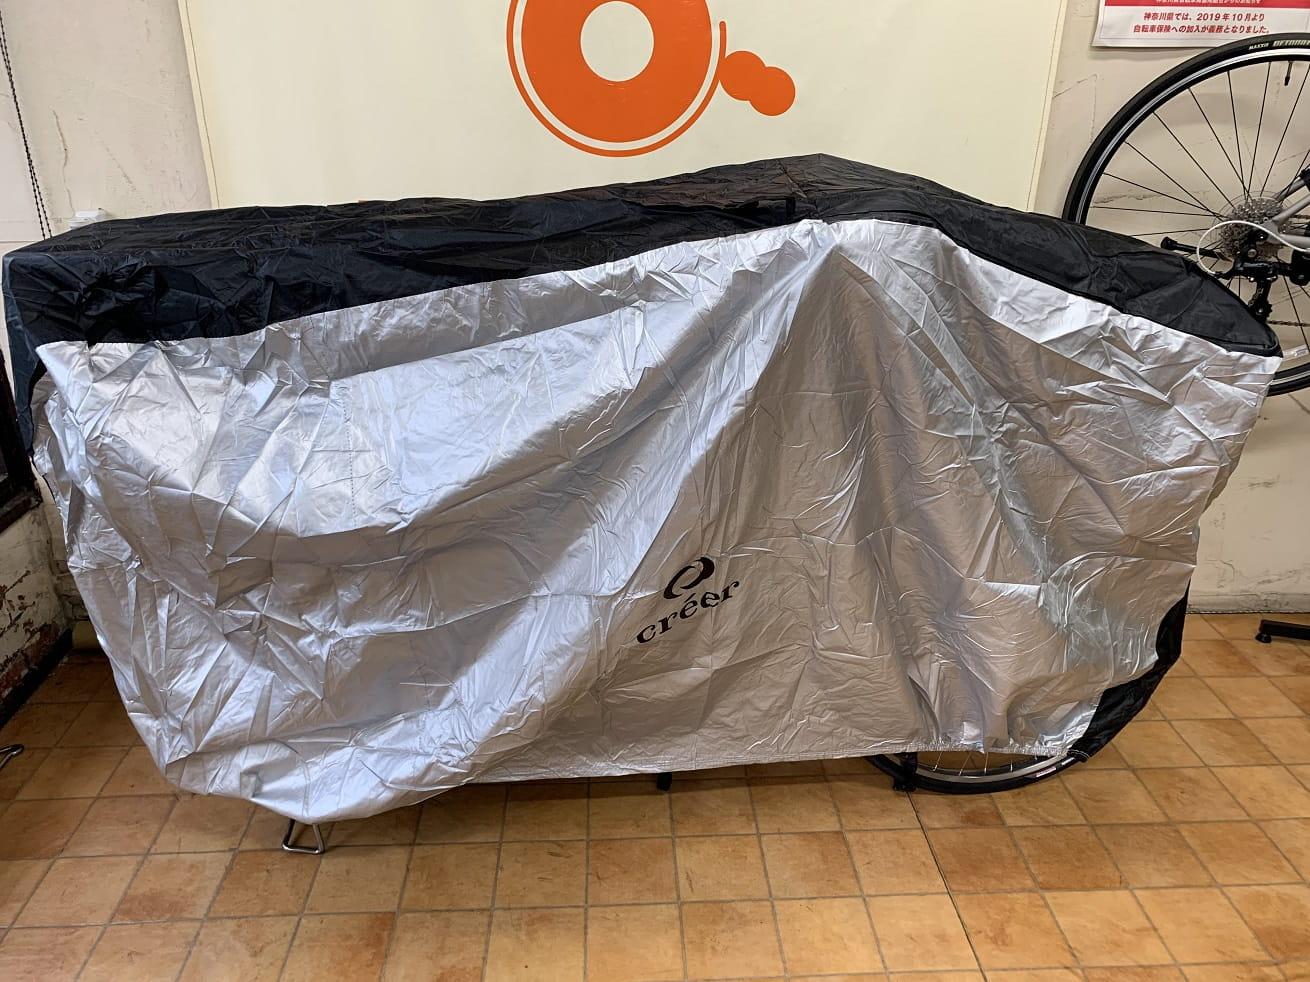 Creer自転車カバーをビビDX全体に被せる